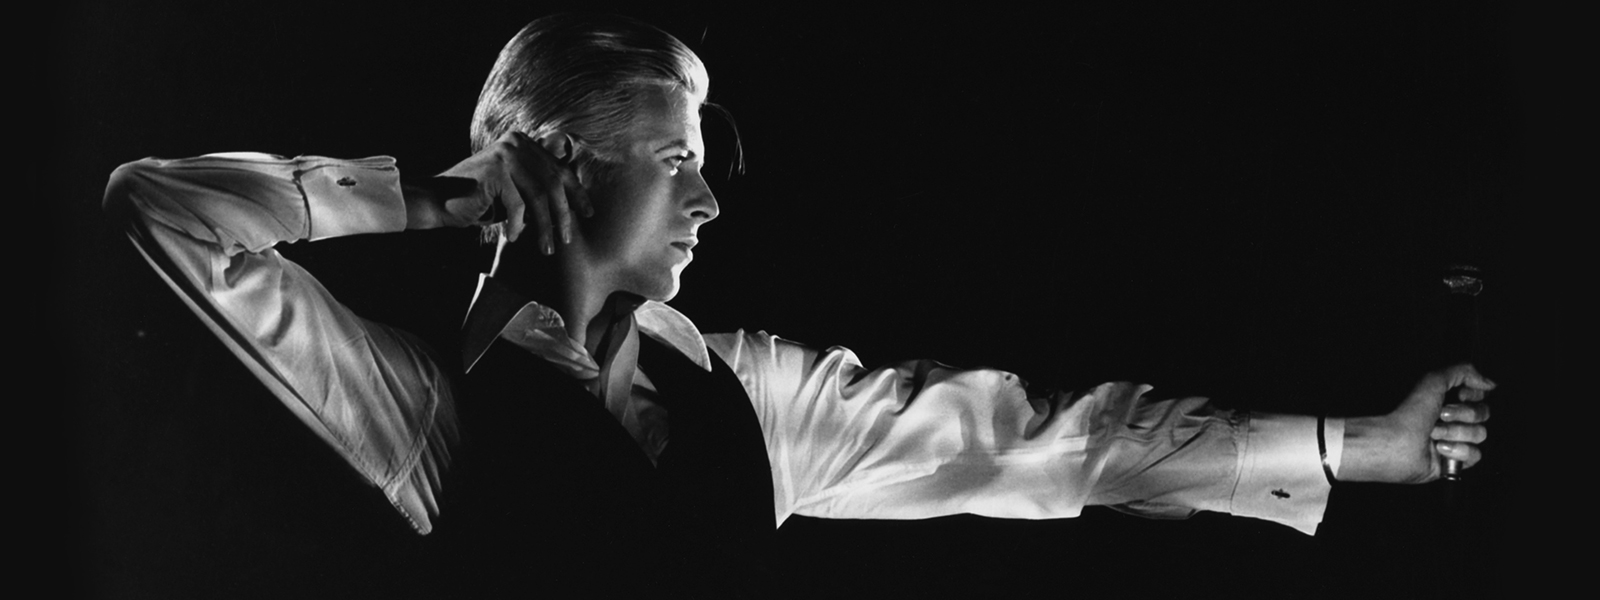 David Bowie – Let's Dance